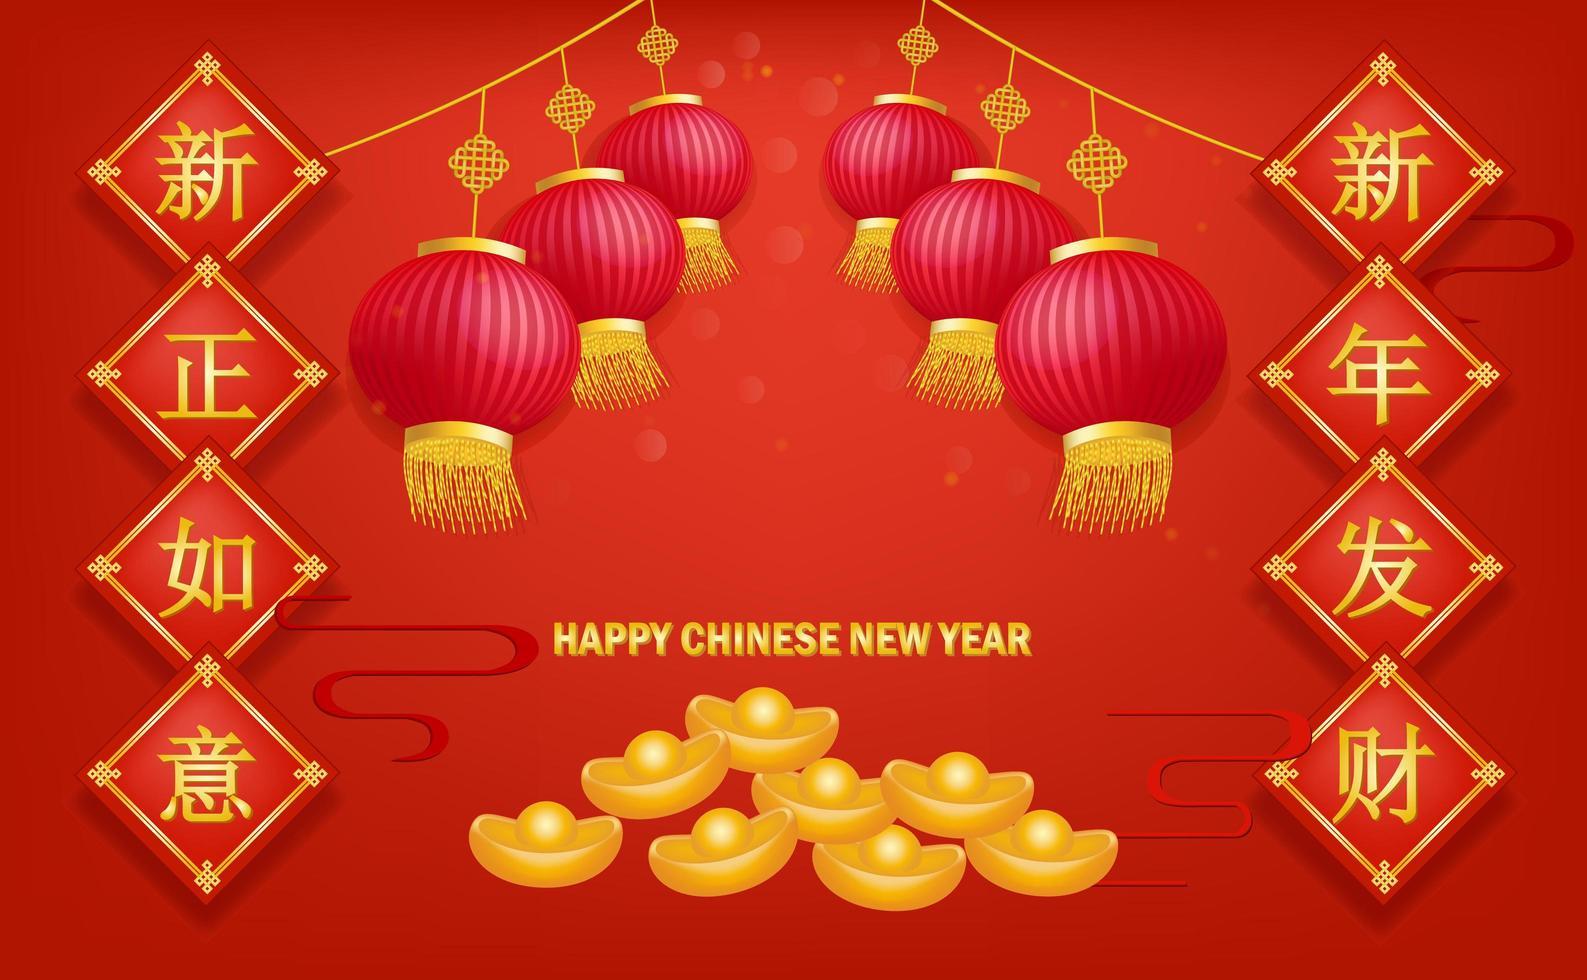 año nuevo chino con linternas rojas y adornos vector